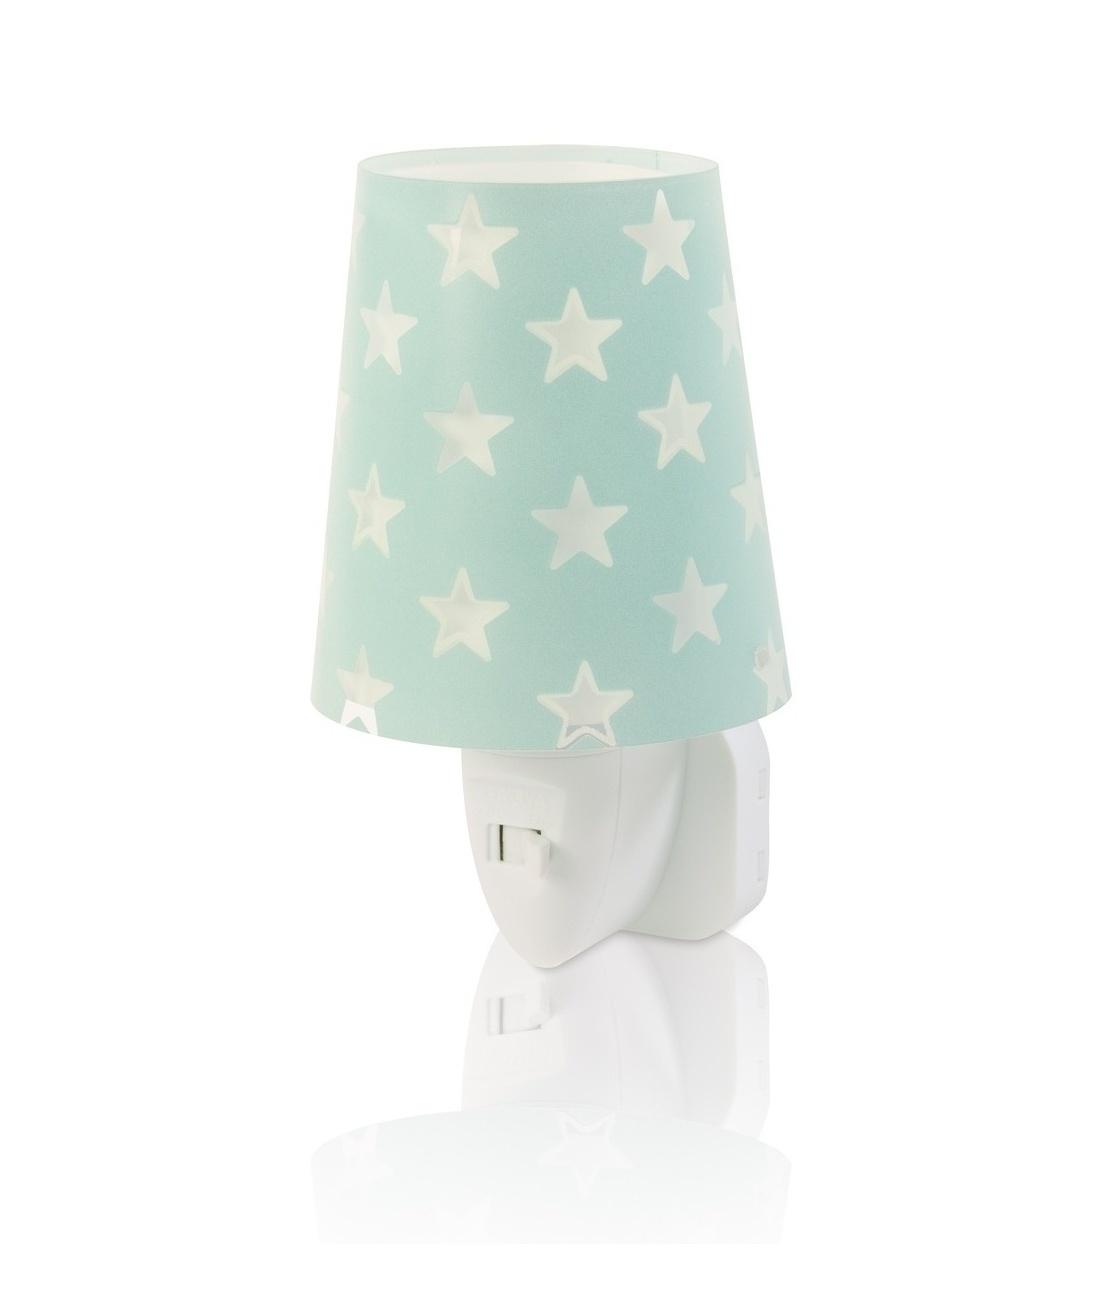 Dalber DALBER STARS 81215H zelená Noční LED lampa do zásuvky